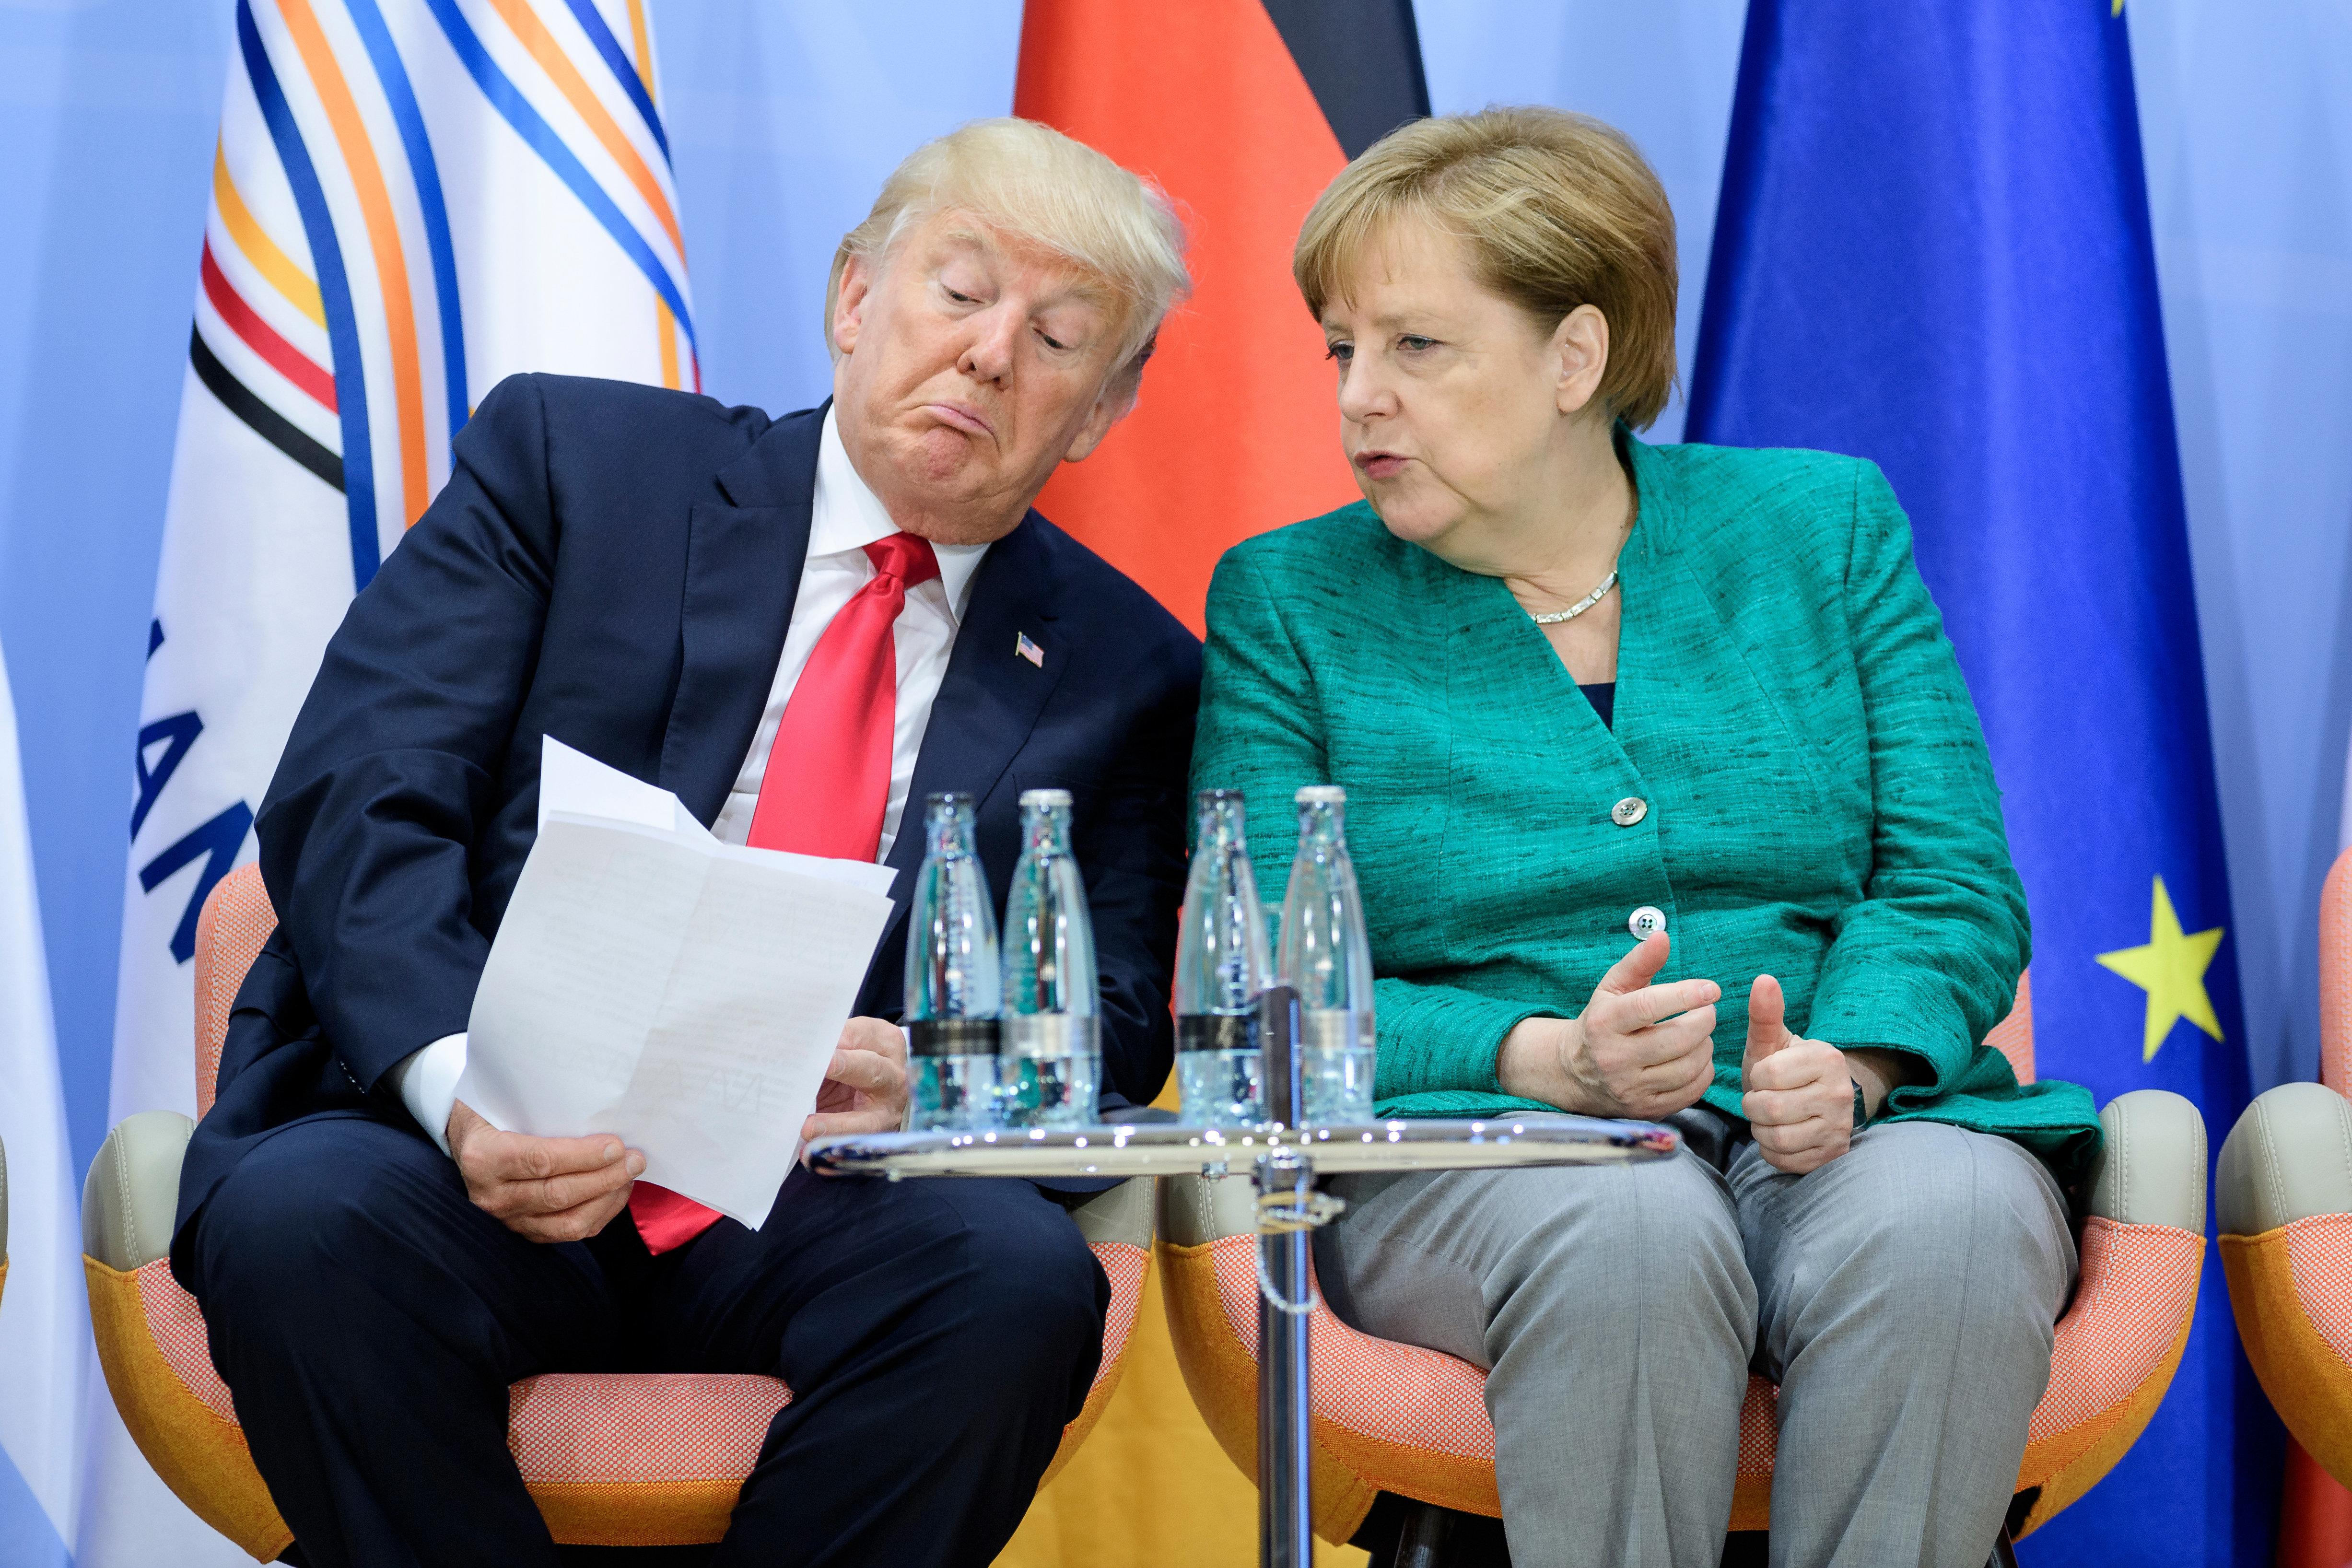 Außenpolitikexperten identifizieren die größten Krisenherde für 2018 – auch Deutschland ist